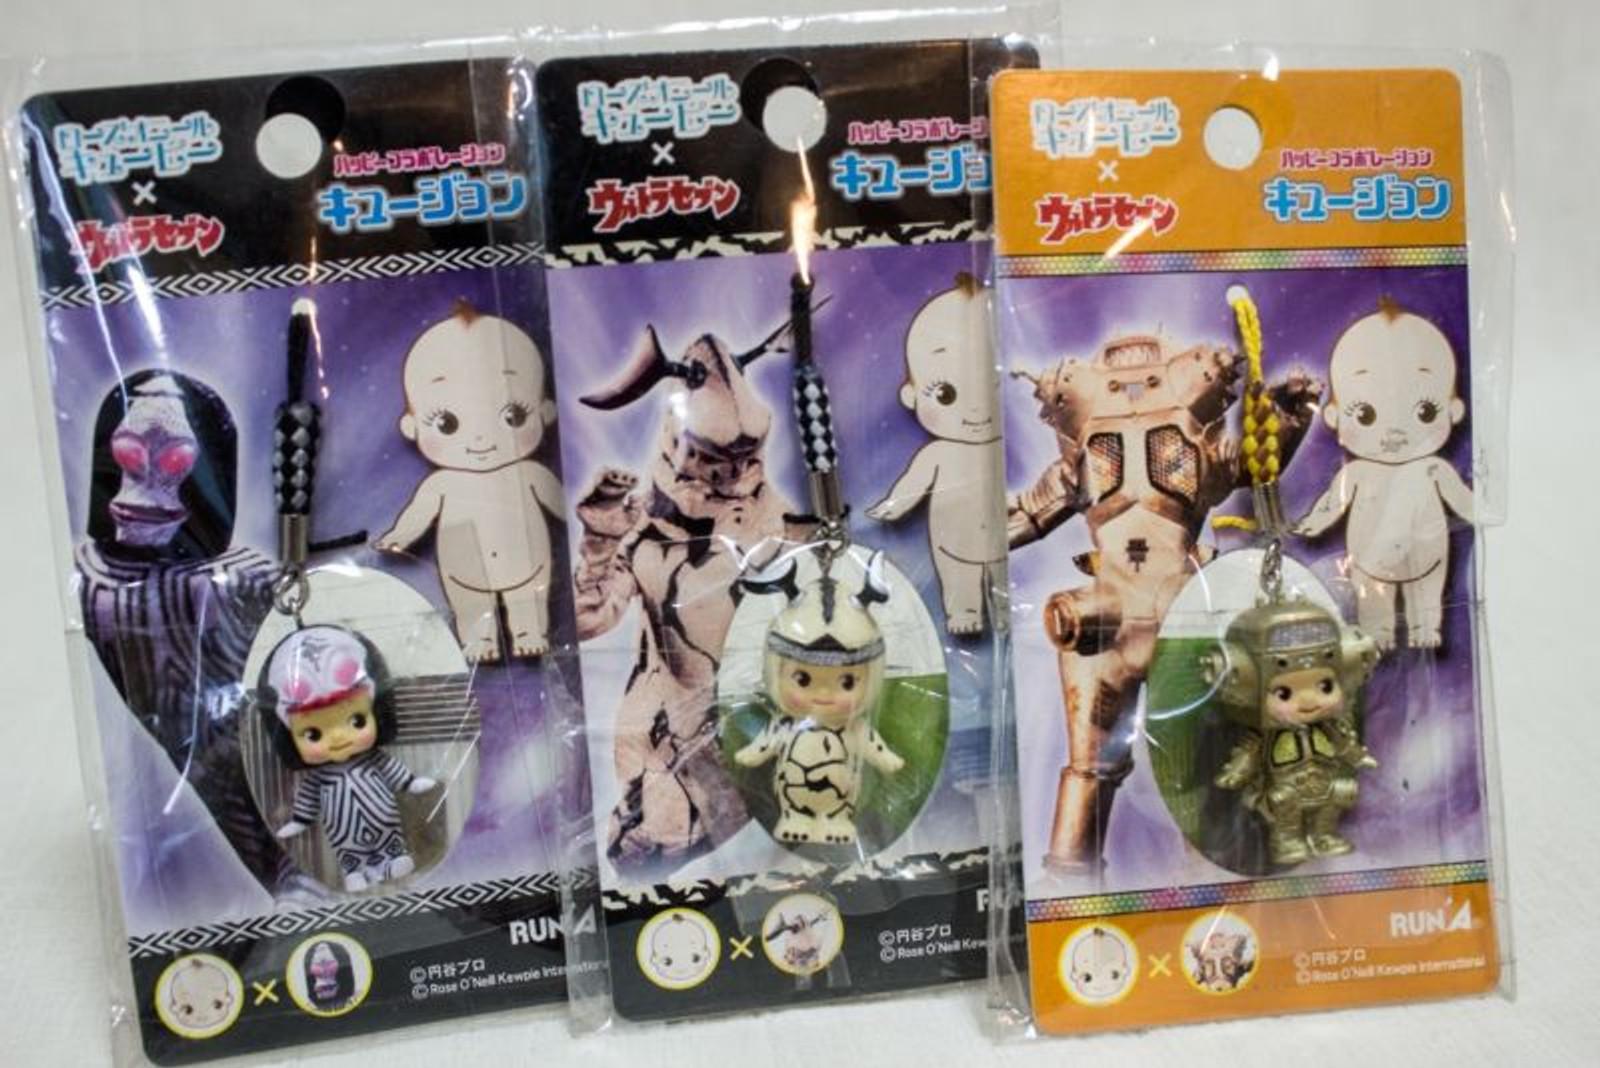 Set of 3 Ultraman Alien Rose O'neill Kewpie Kewsion Figure Strap JAPAN ANIME